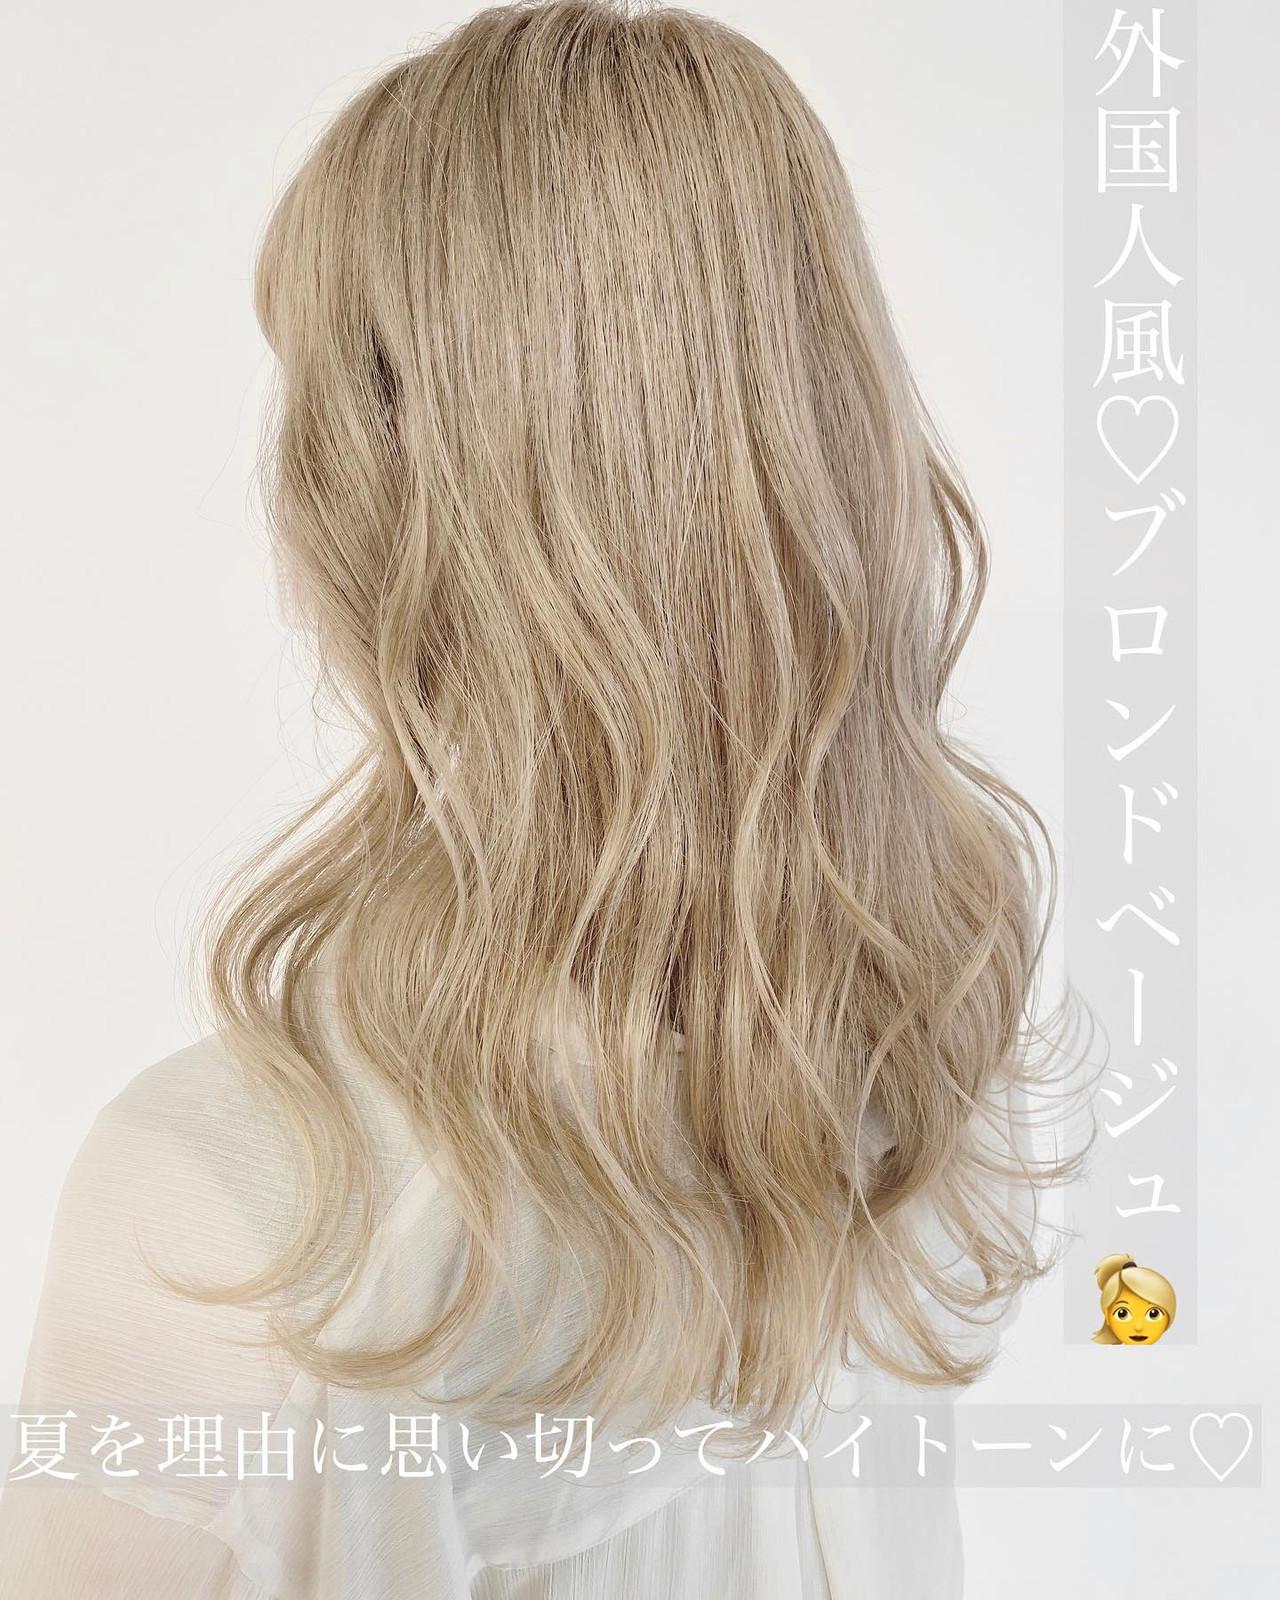 ナチュラル ホワイトカラー ブロンドカラー ブリーチカラー ヘアスタイルや髪型の写真・画像